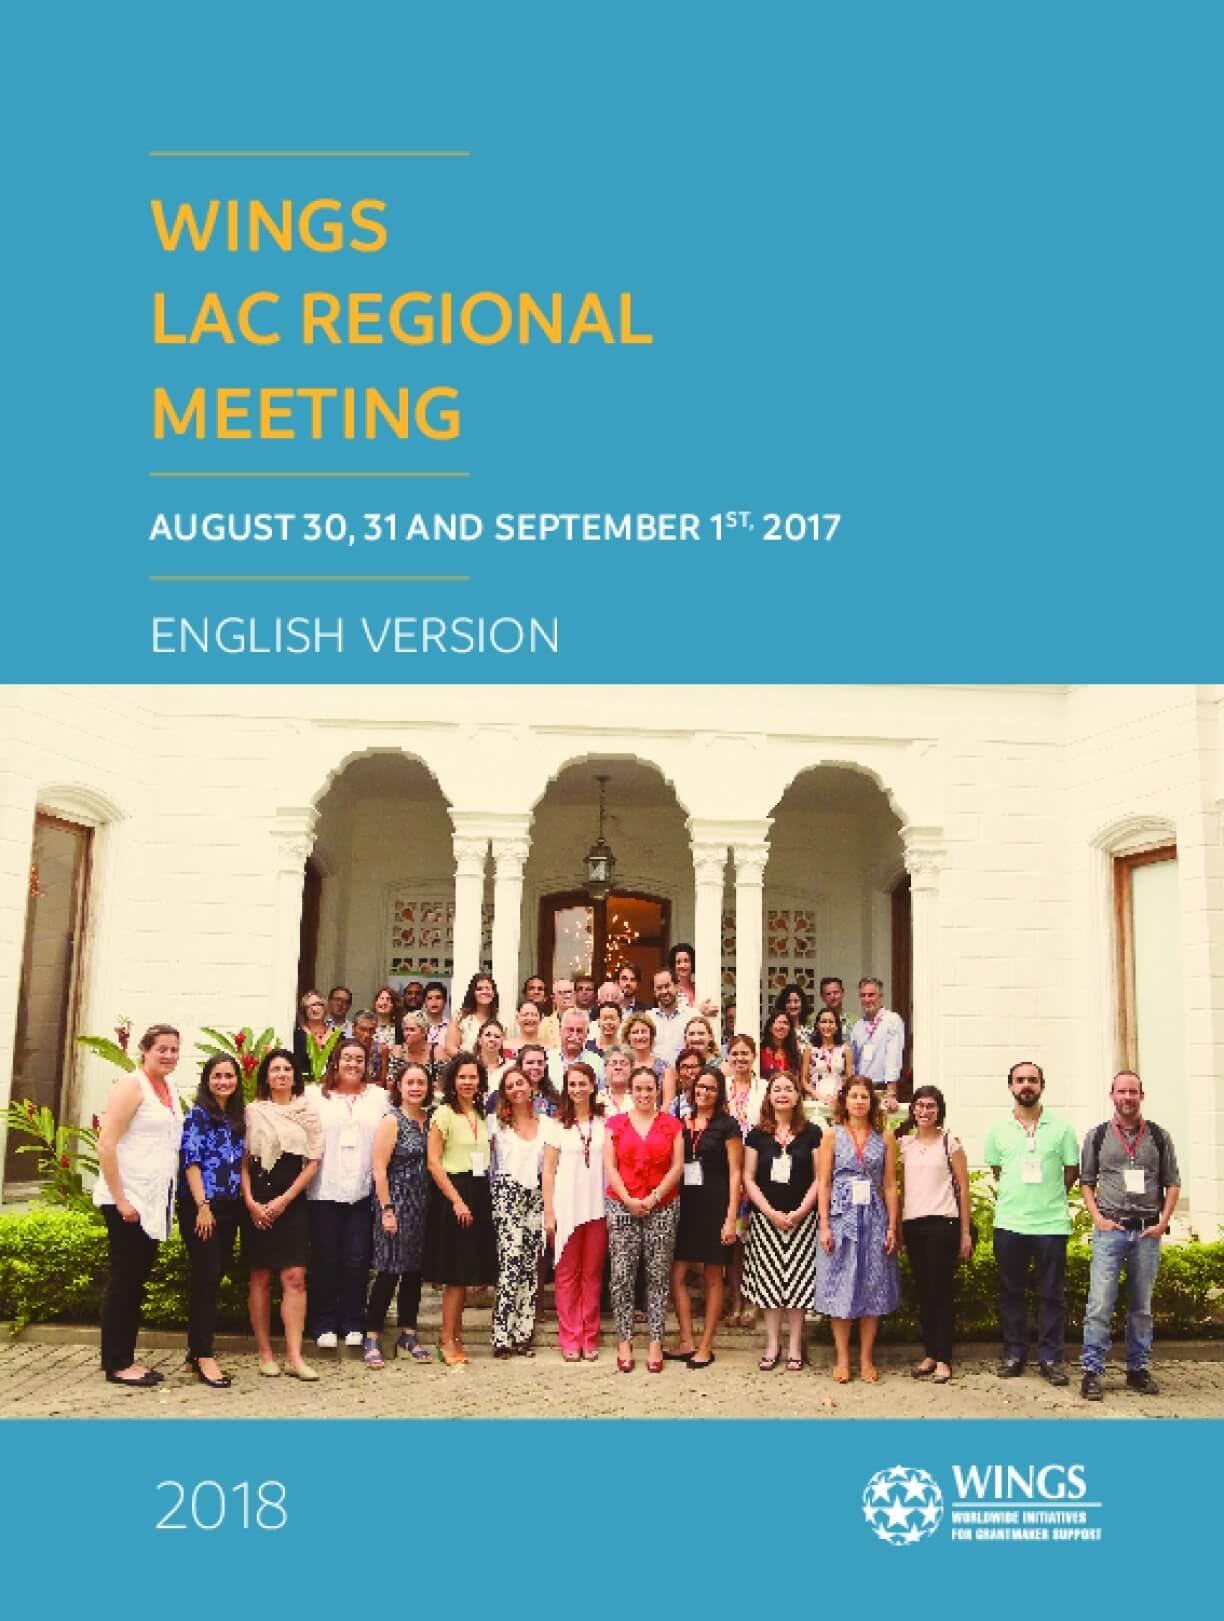 WINGS LAC Regional Meeting Report